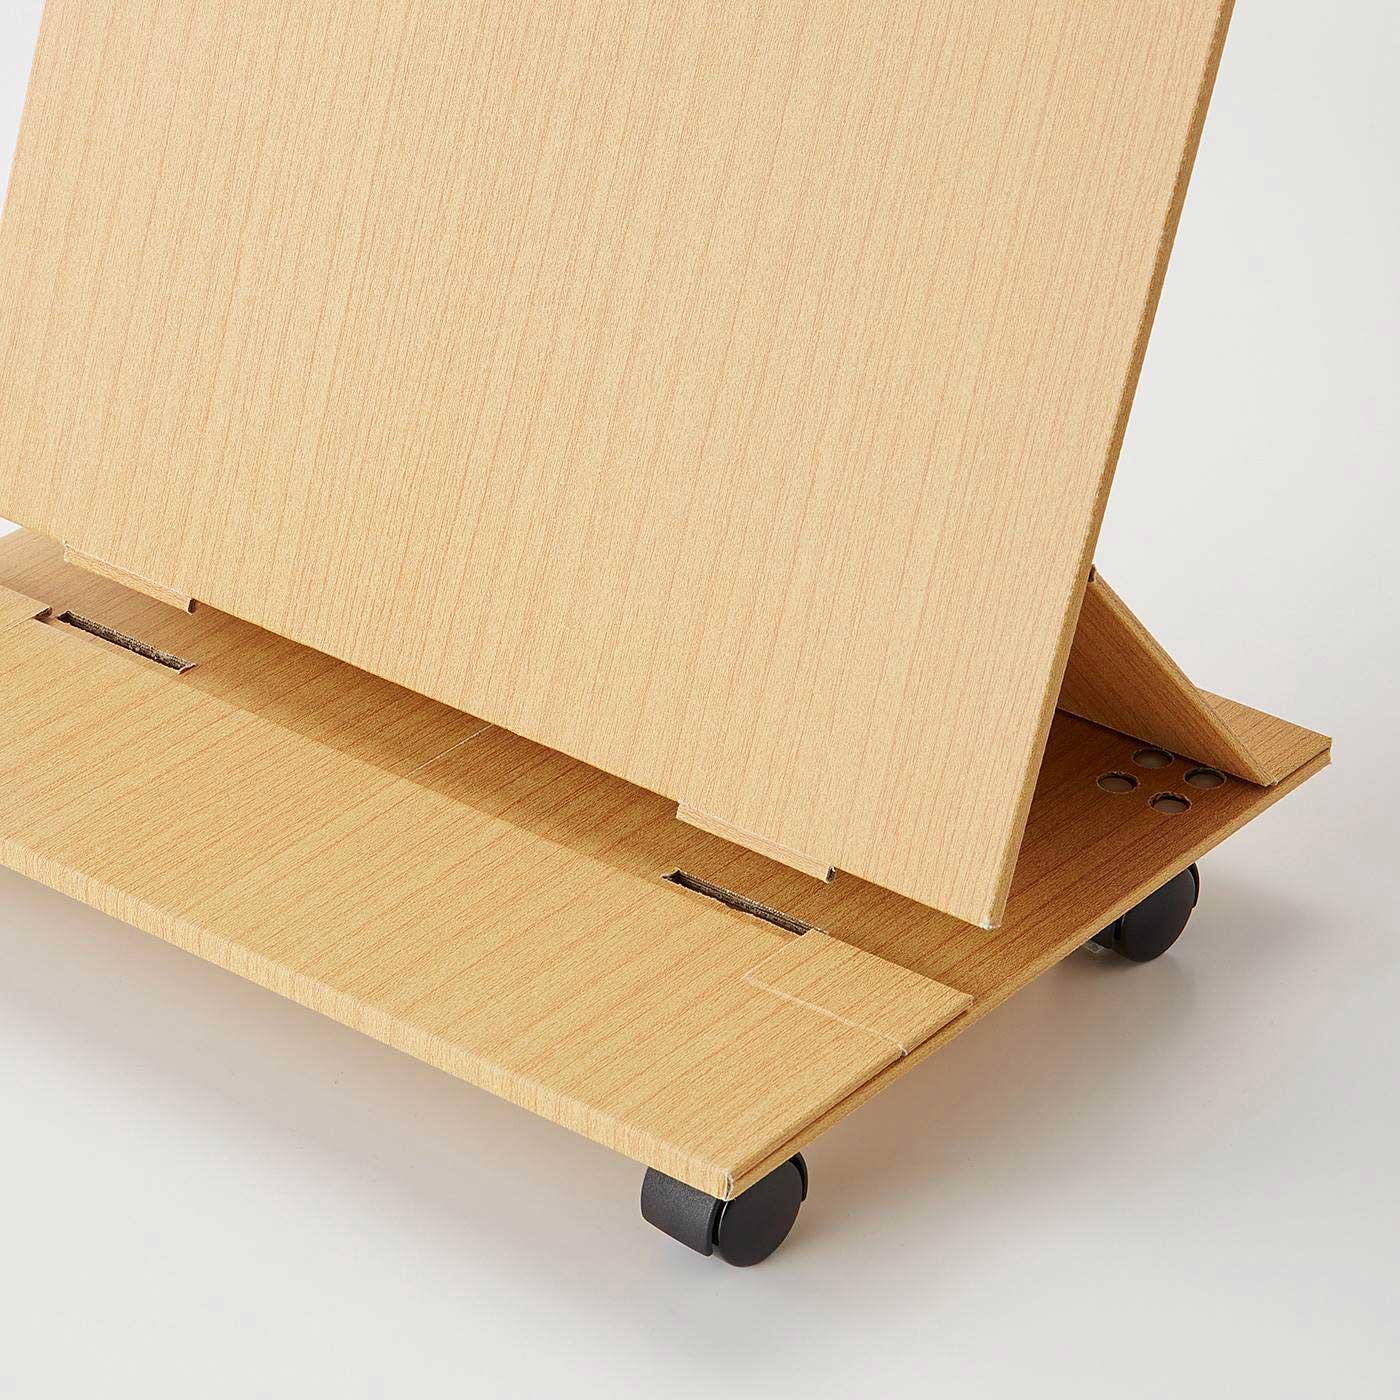 溝の部分に雑誌を立てたり、タブレット端末を立てかけられます。